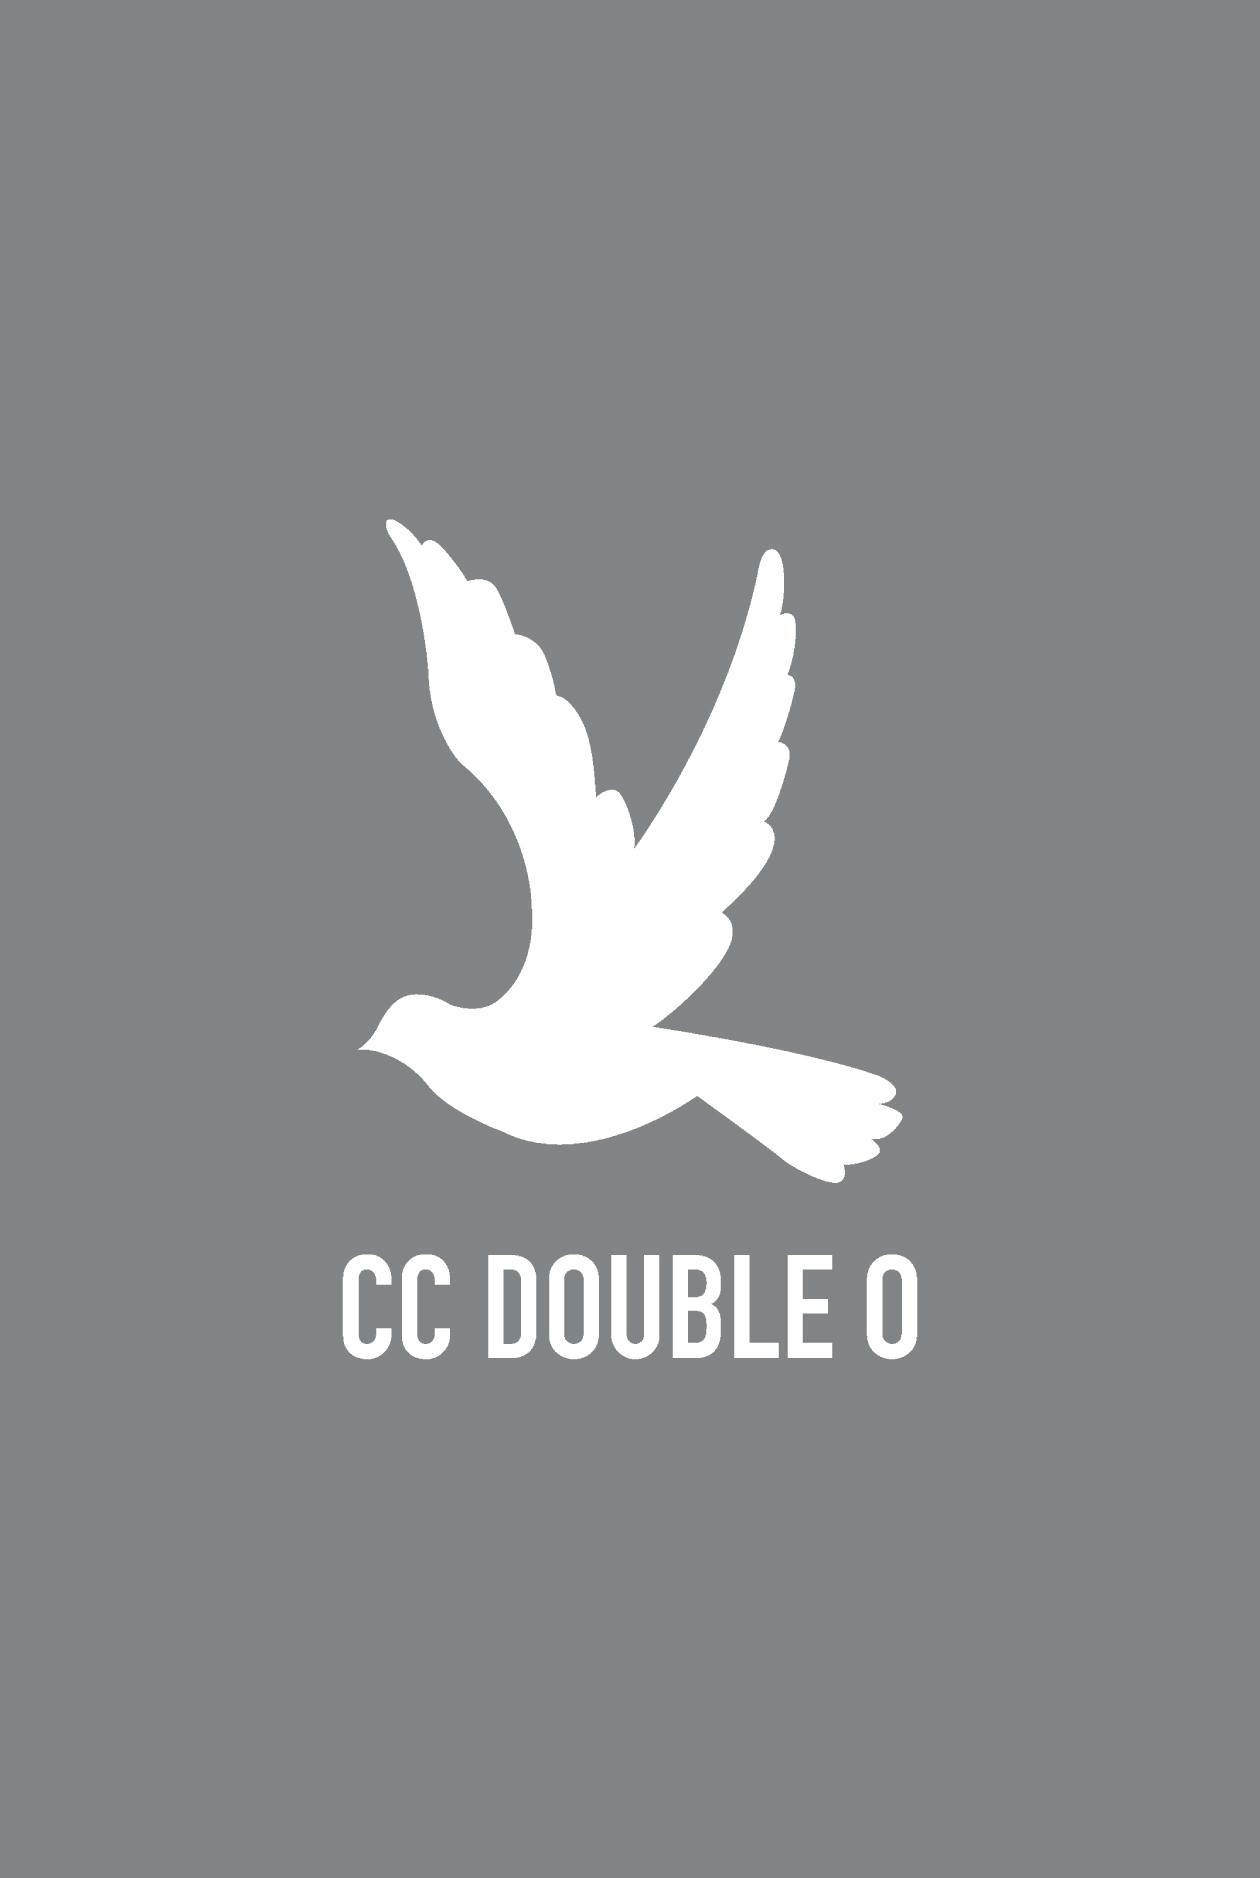 CC DOUBLE O 100% Cotton Face mask